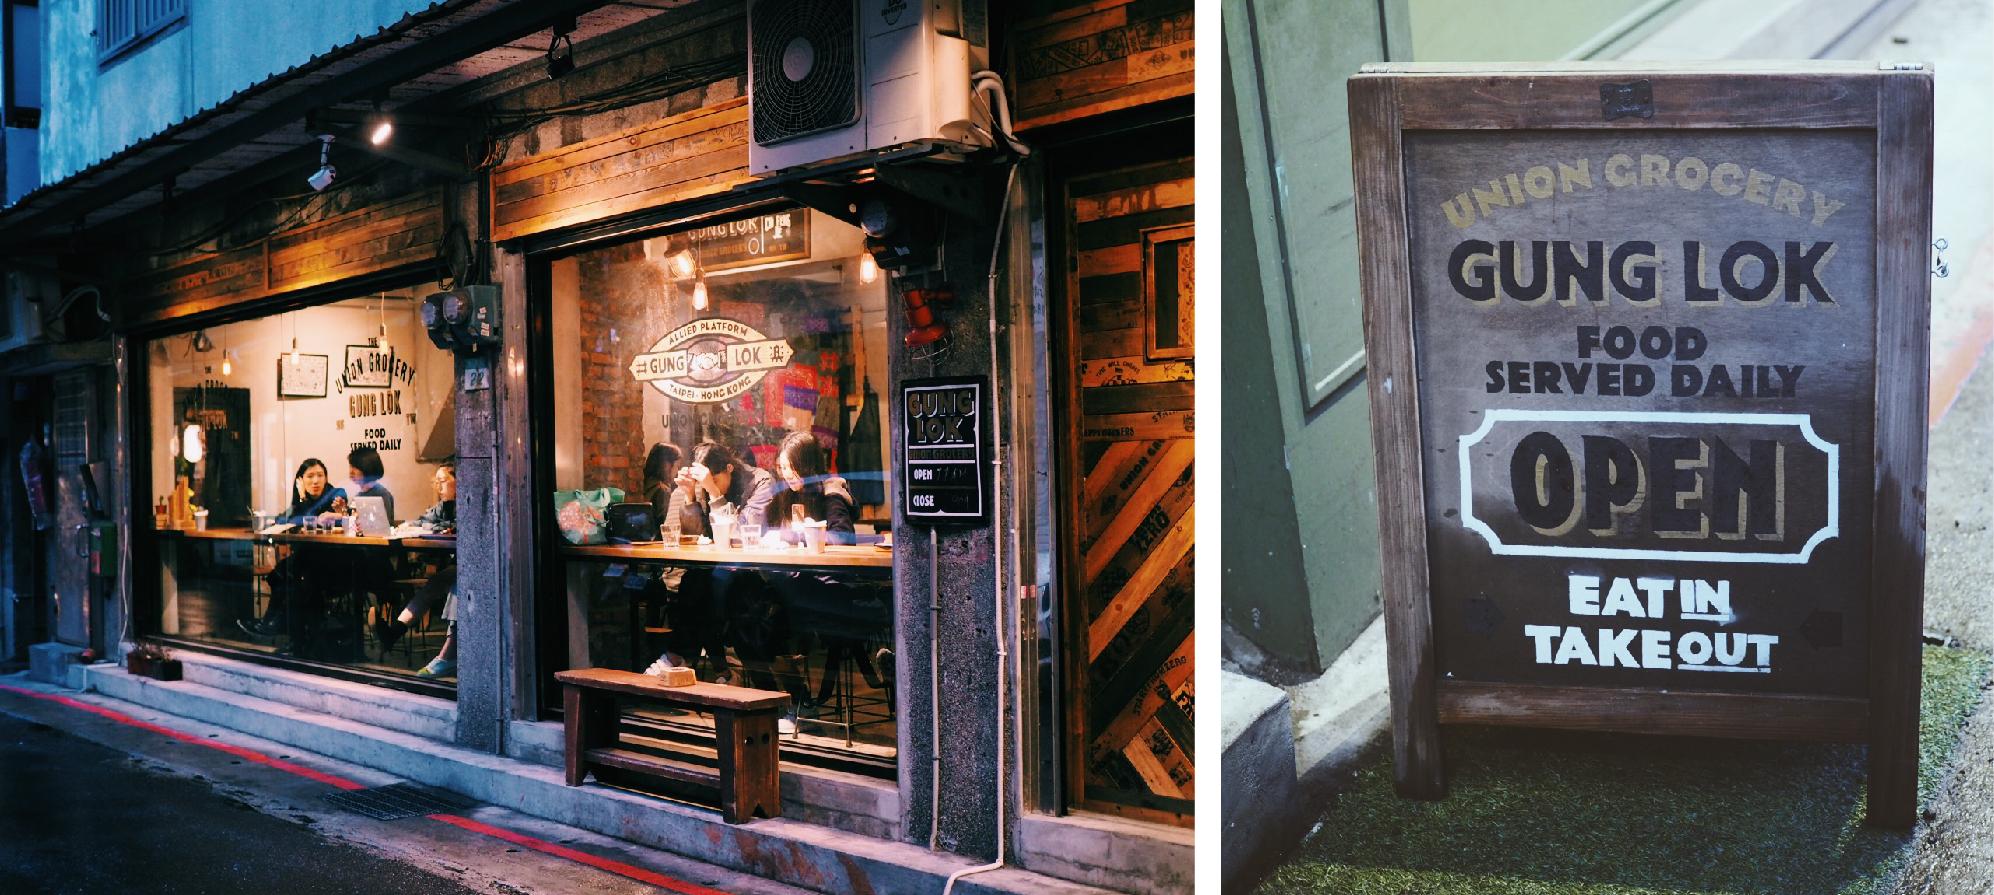 台北赤峰街的創意港式茶餐廳美食:共楽 Gung Lok